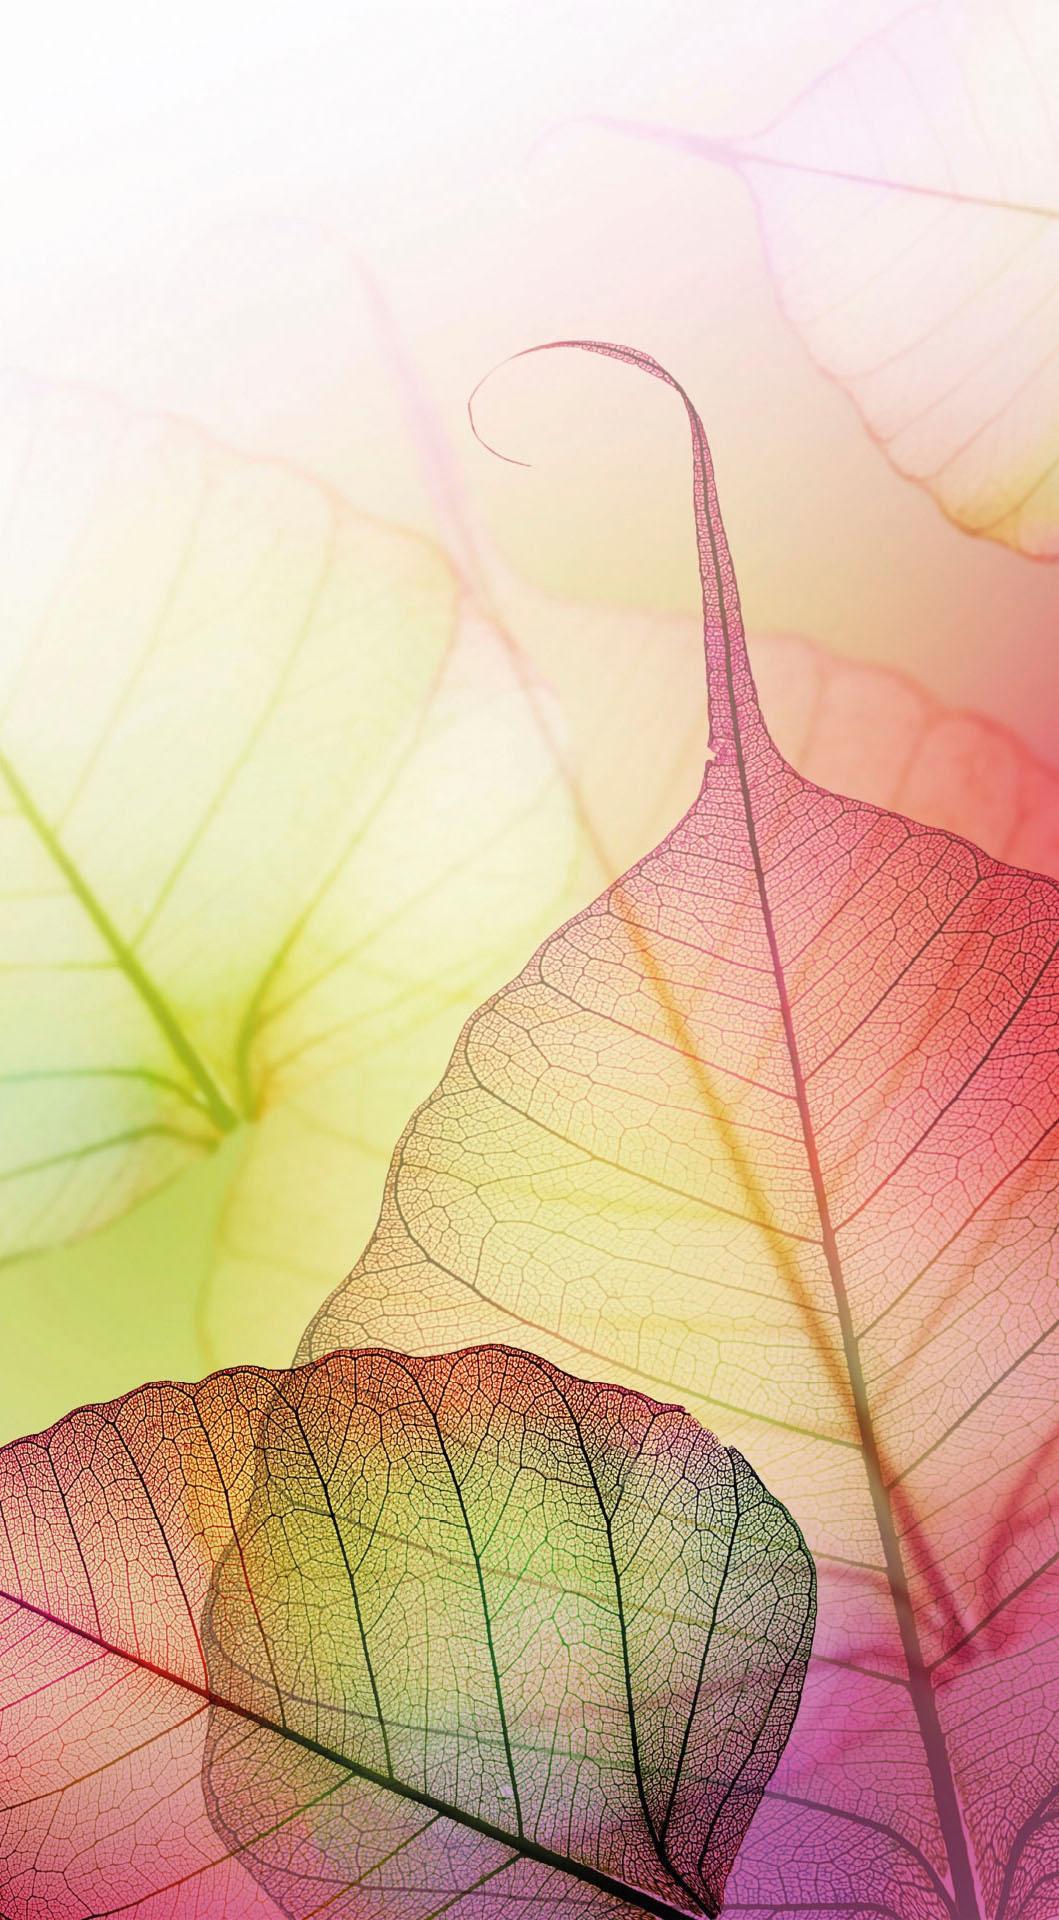 Fototapete Pink Design bunt Fototapeten Tapeten Bauen Renovieren